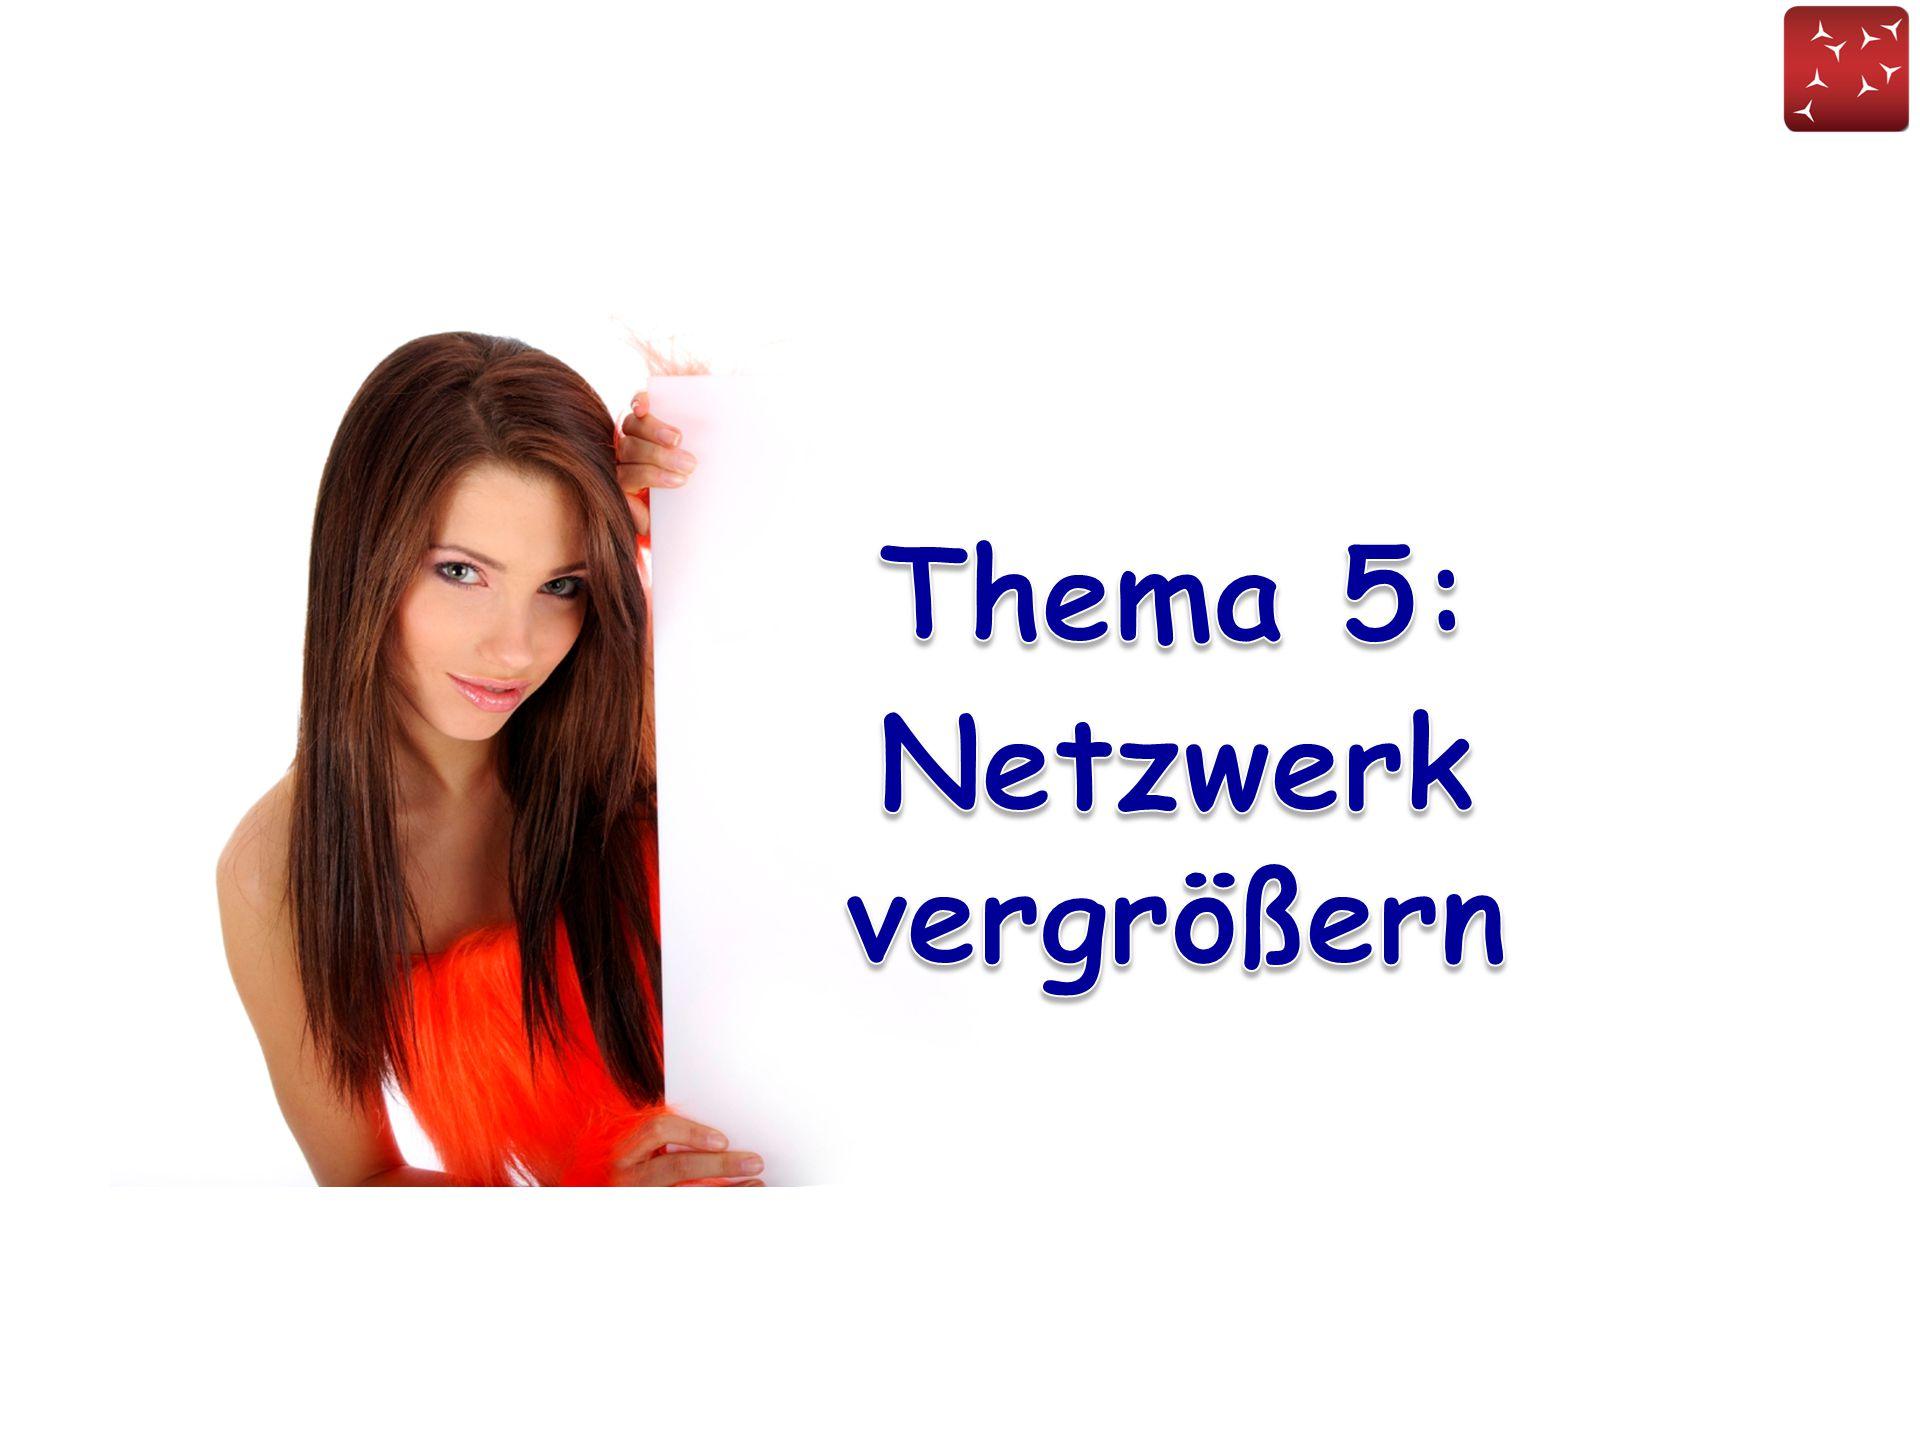 Thema 5: Netzwerk vergrößern